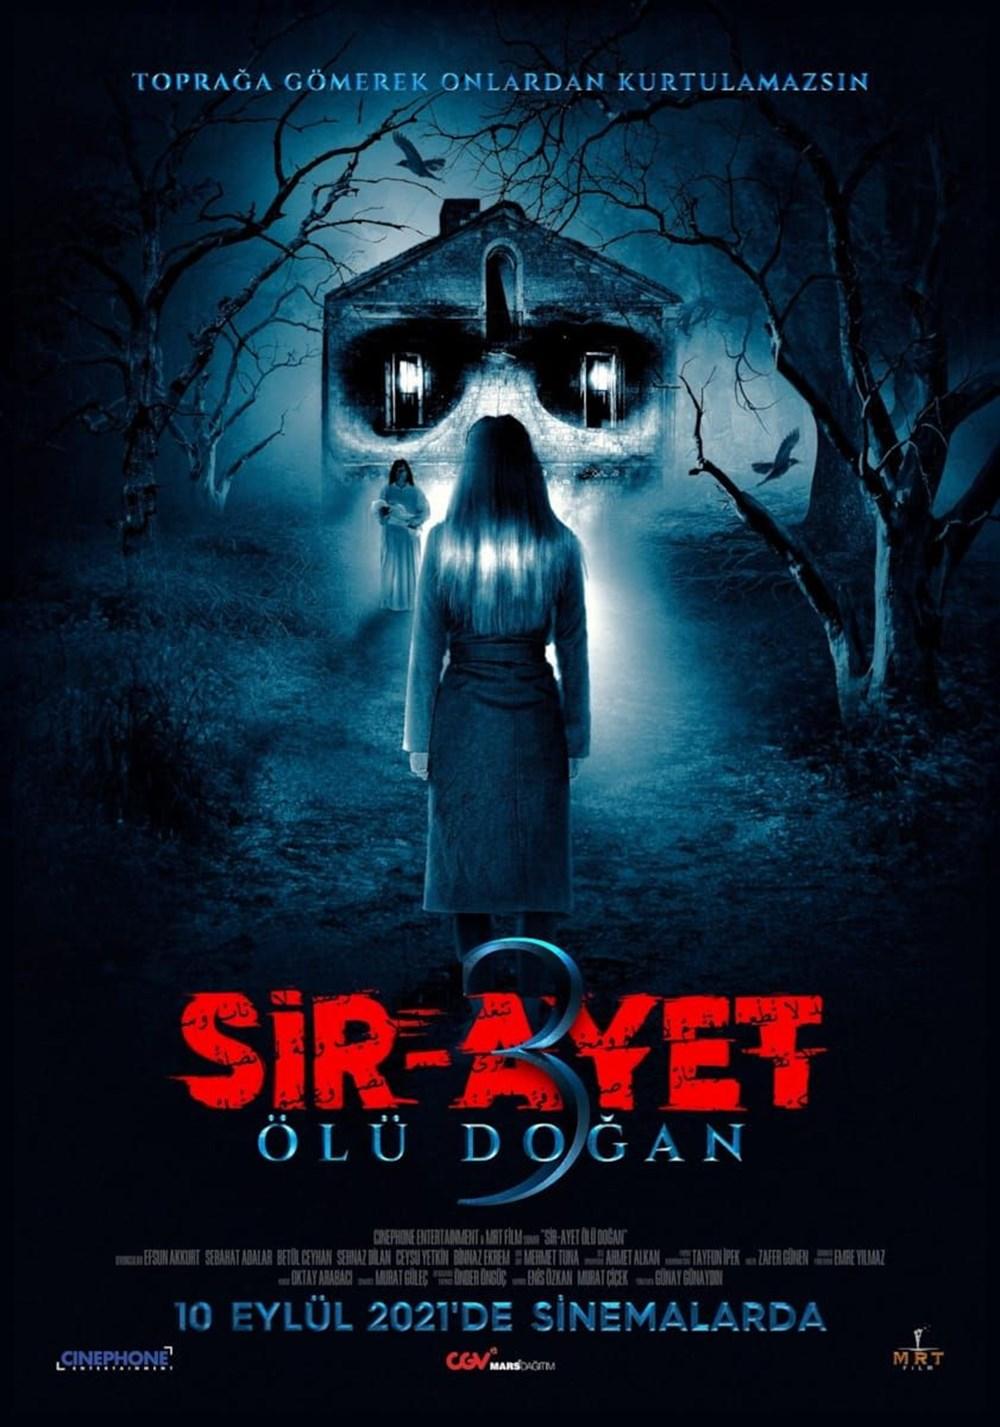 Shang-Chi ve On Halka Efsanesi zirveyi bırakmıyor (10-12 Eylül Box Office Türkiye) - 8